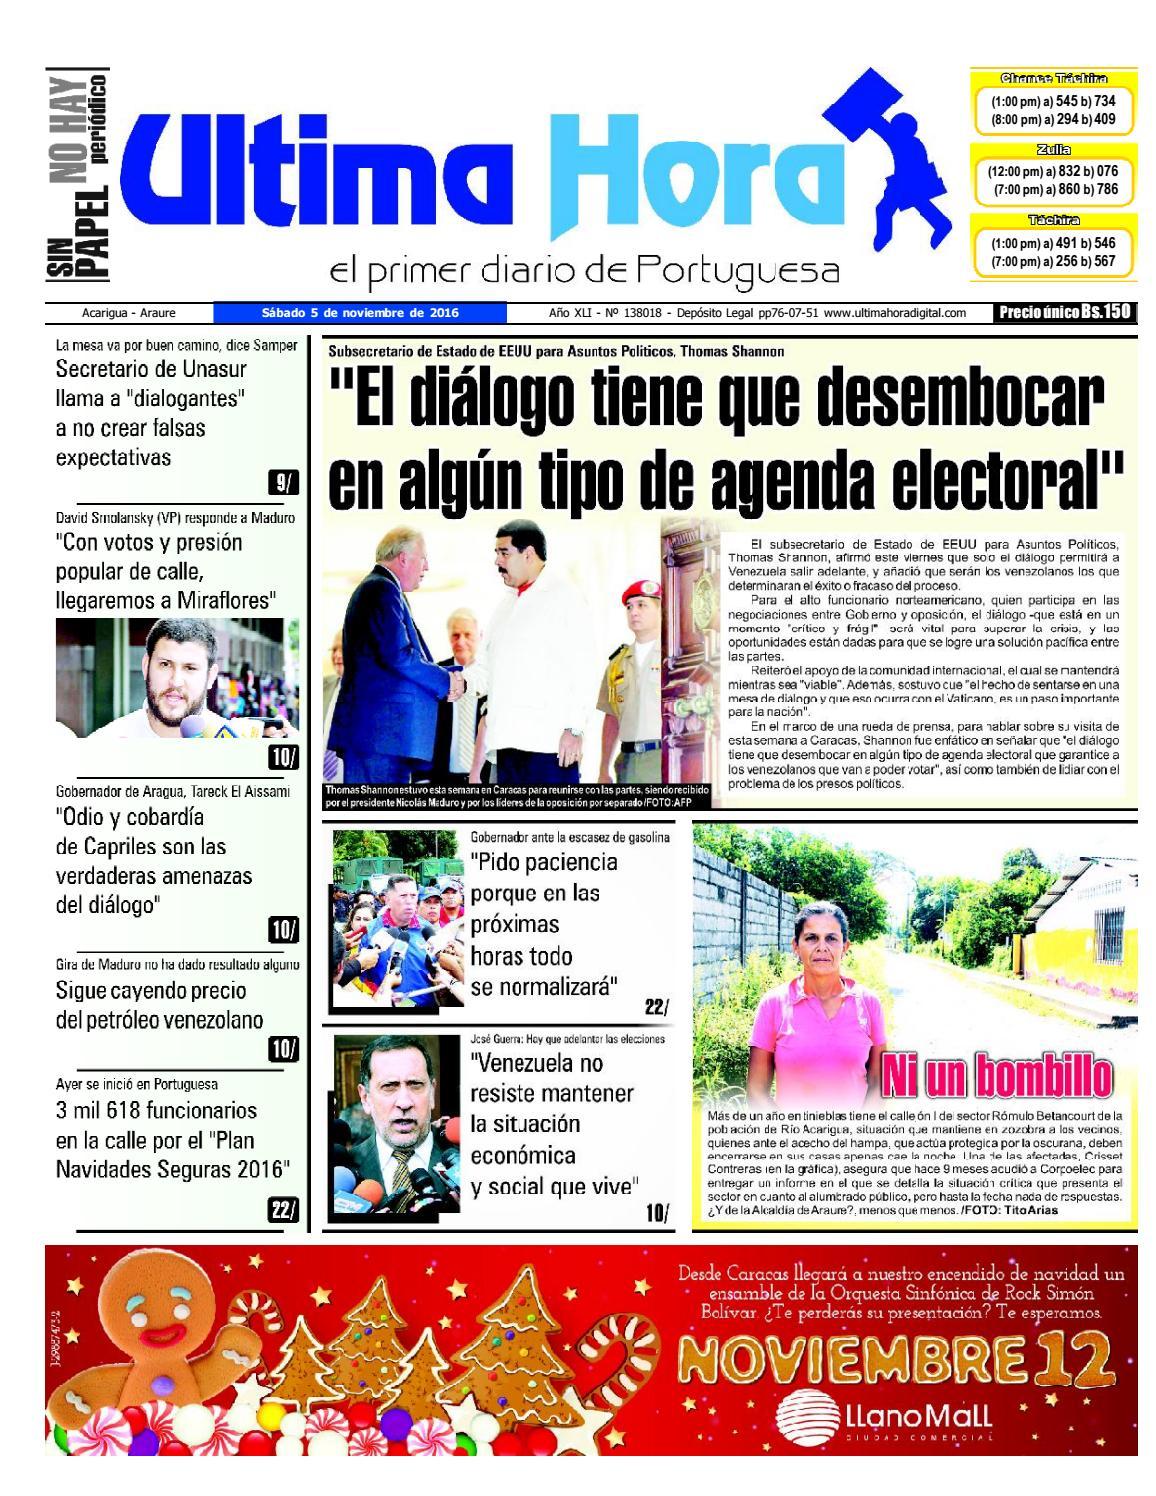 Edición 05 11 2016 by Ultima Hora - El primer diario de Portuguesa - issuu 26fdac8432a